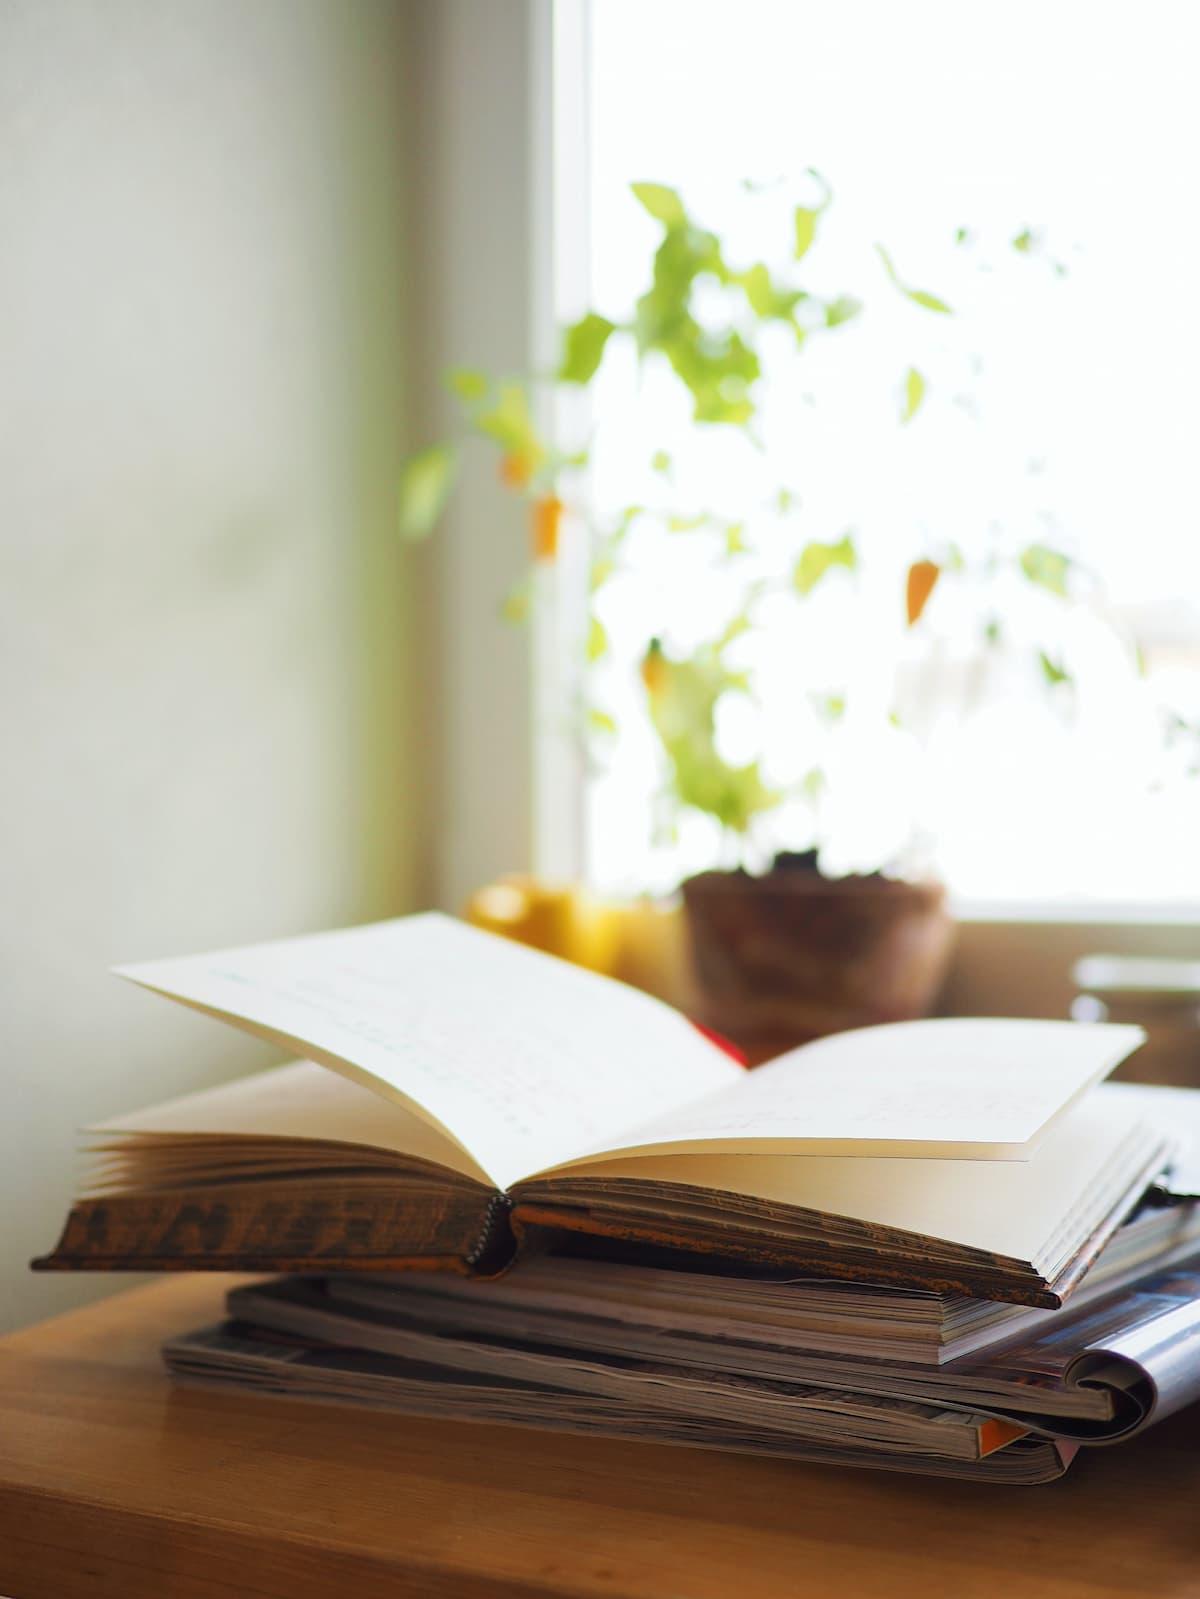 image d'illustration de livre ouvert